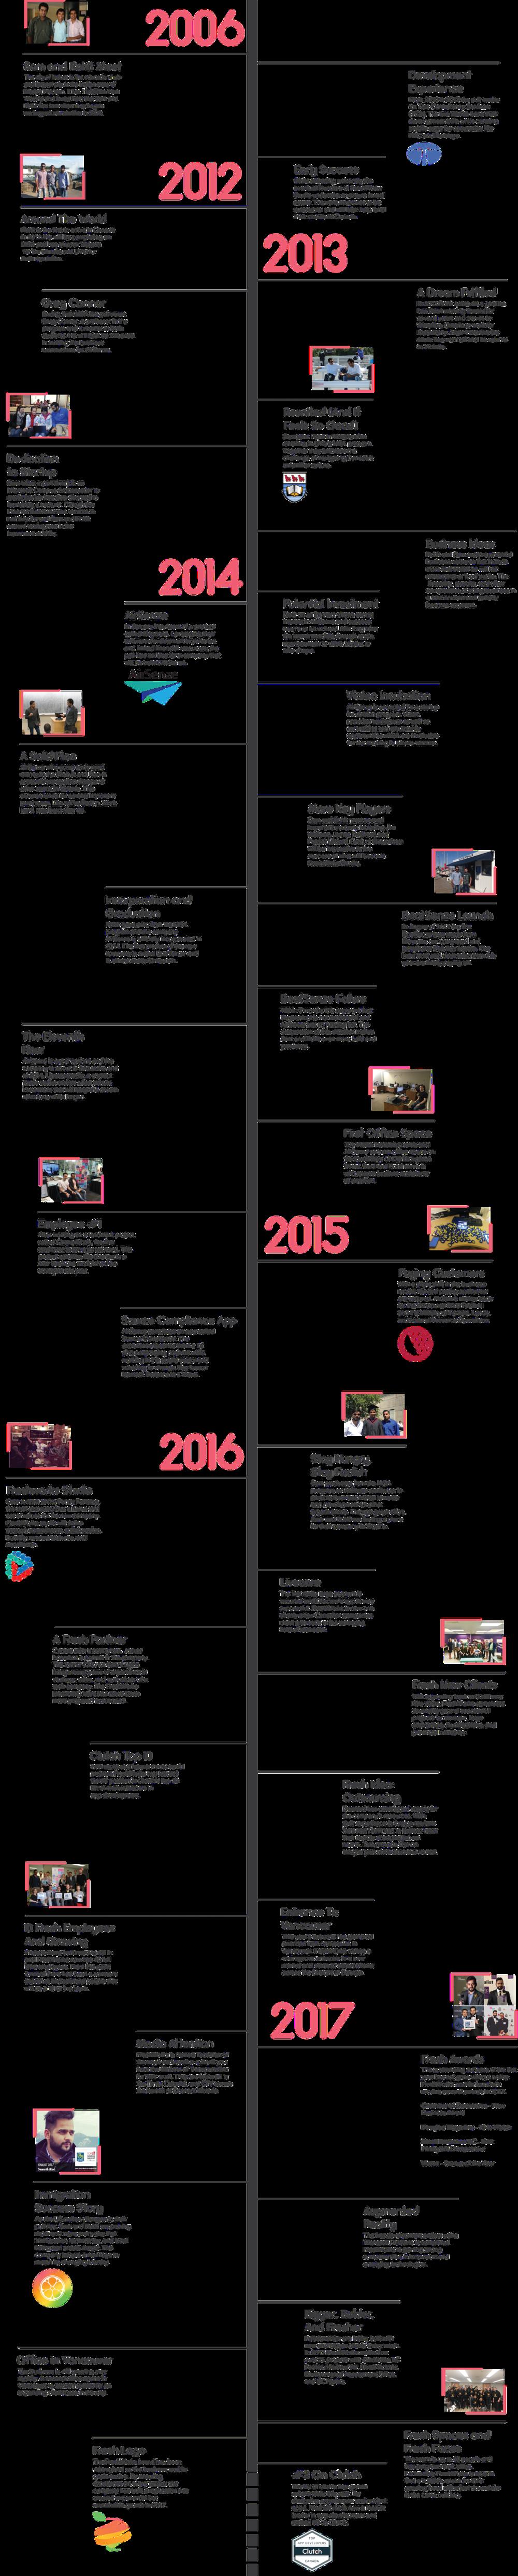 Vertical timeline.png